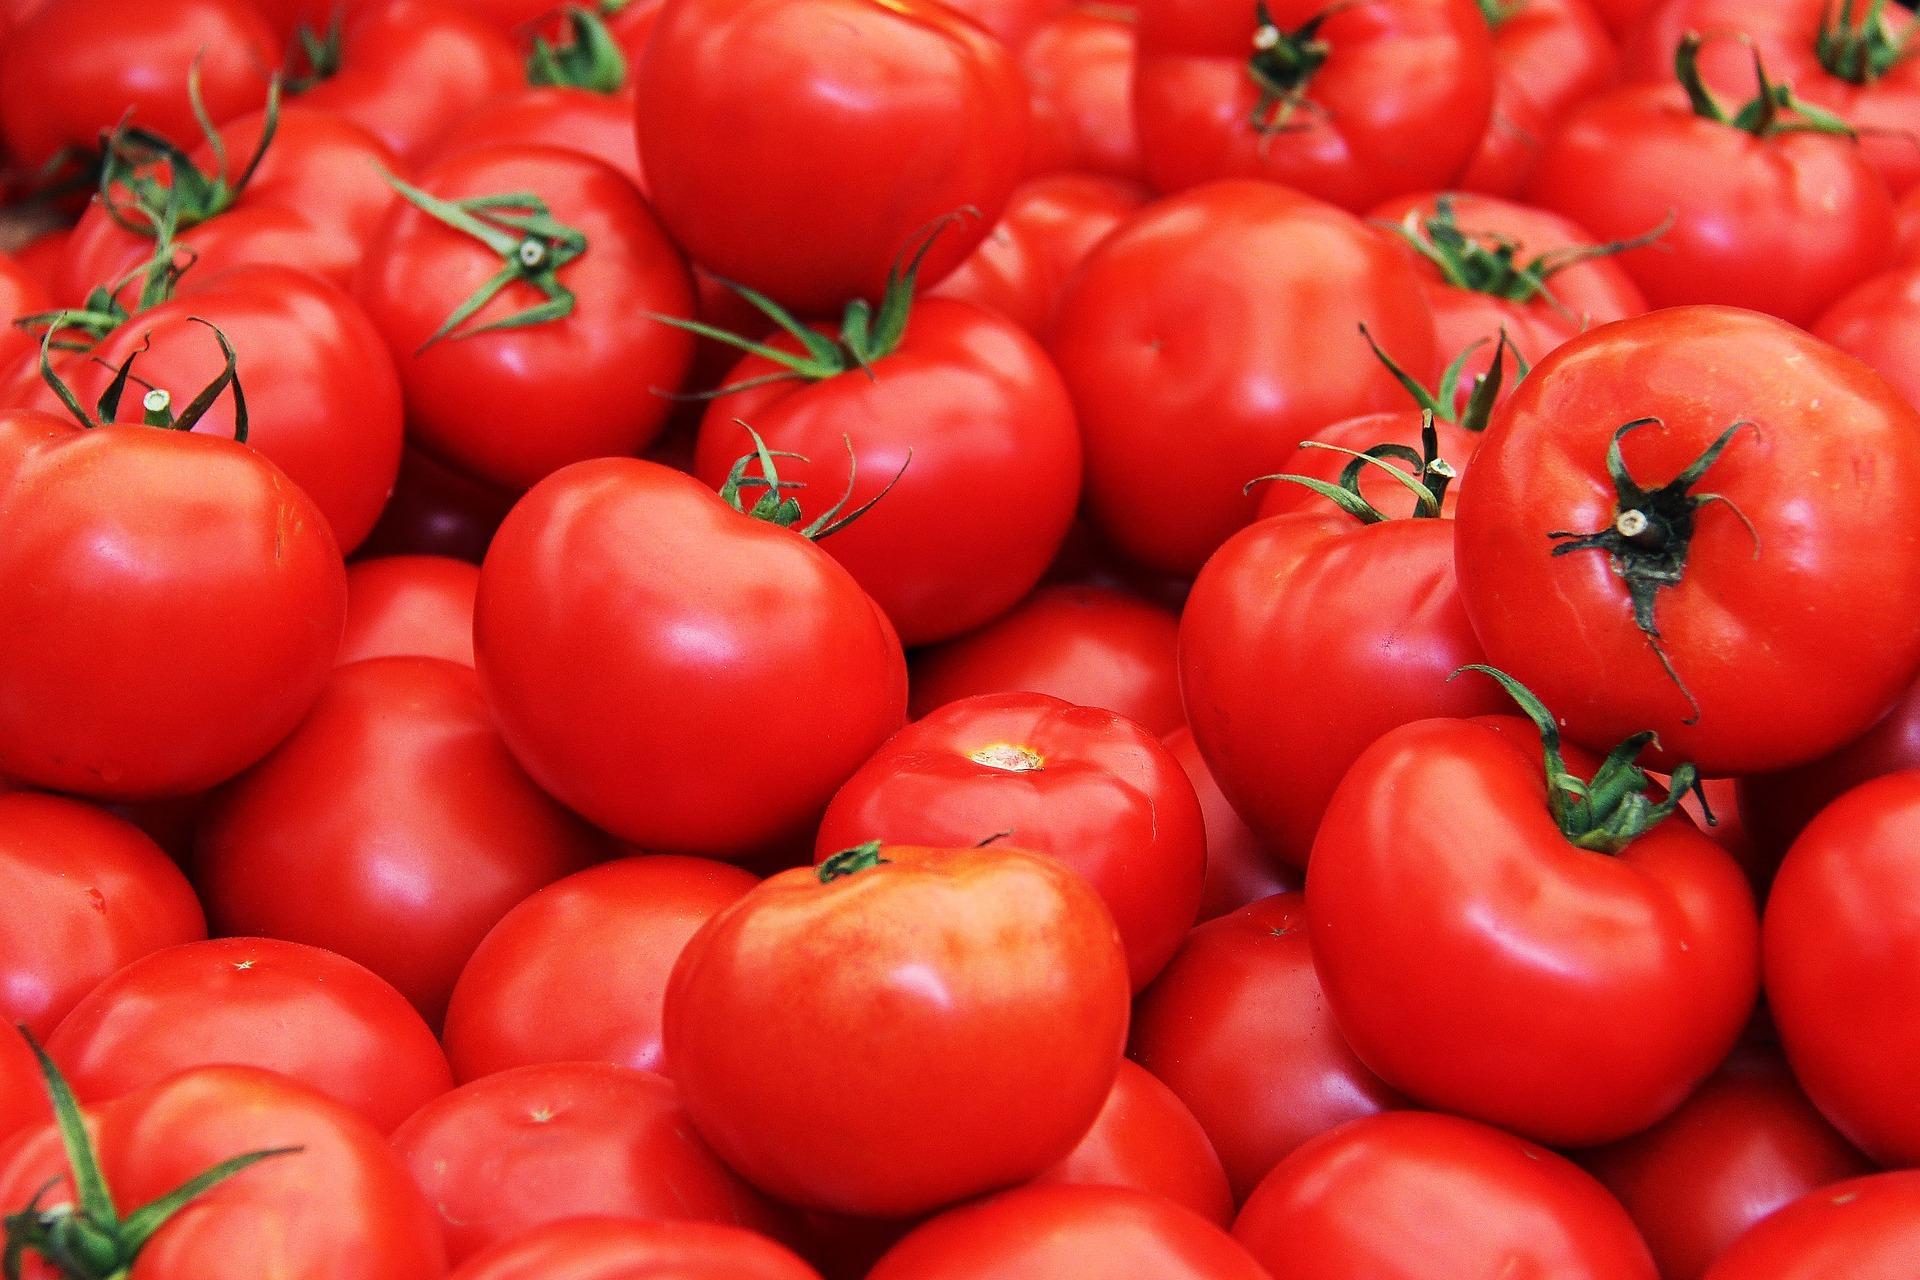 Россельхознадзор проведет еще одну инспекцию поставщиков томатов вТурции